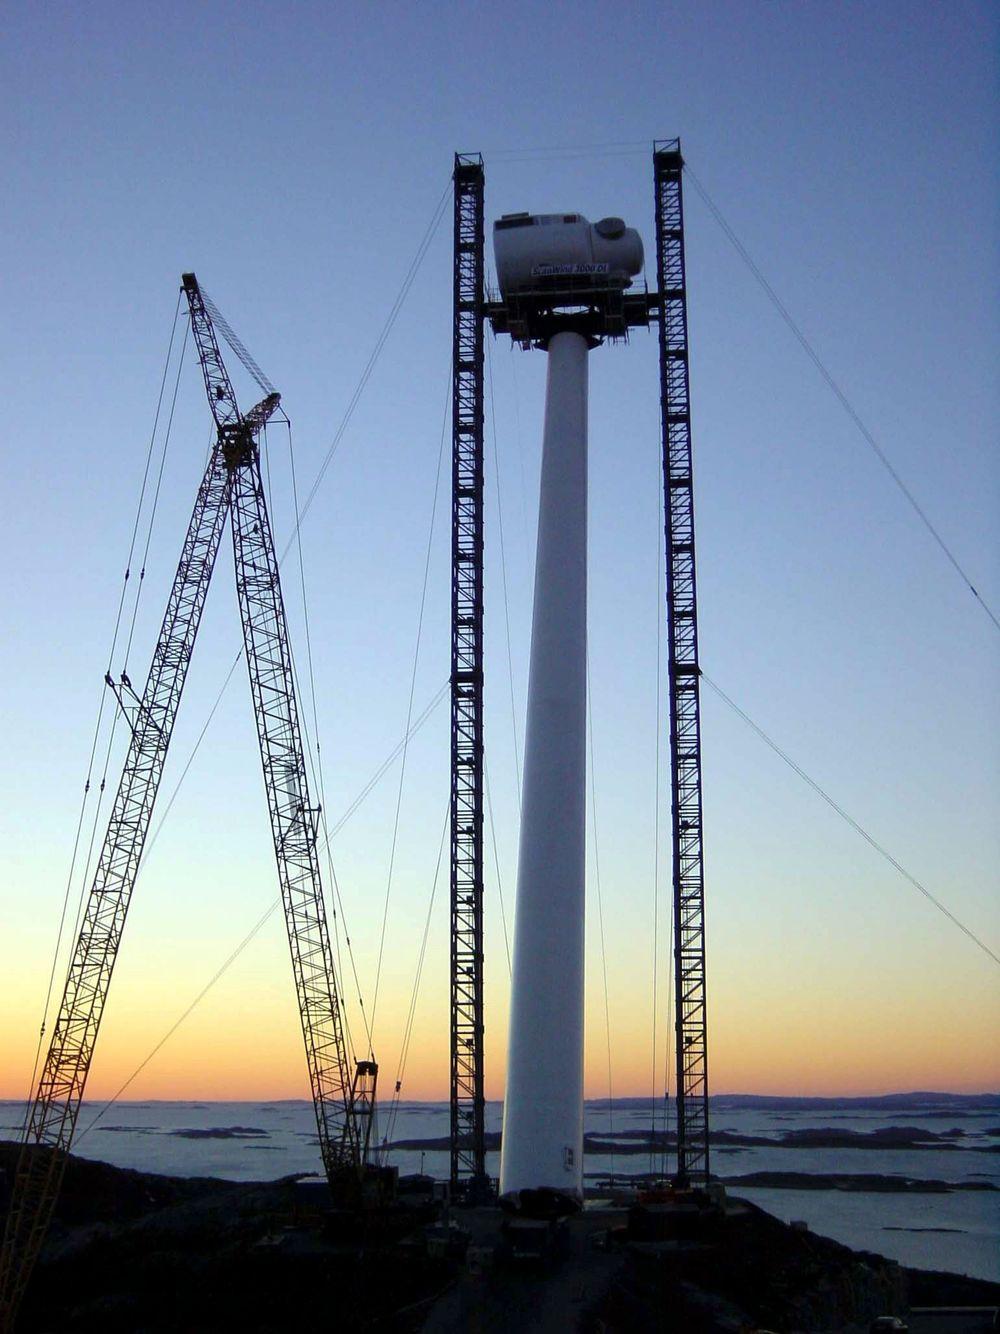 HØYT:ScanWinds første vindkraftverk -under montering - på Hunhammerfjellet i Nærøy kommune på Namdalskysten i Nord-Trøndelag. FOTO: SCANWIND